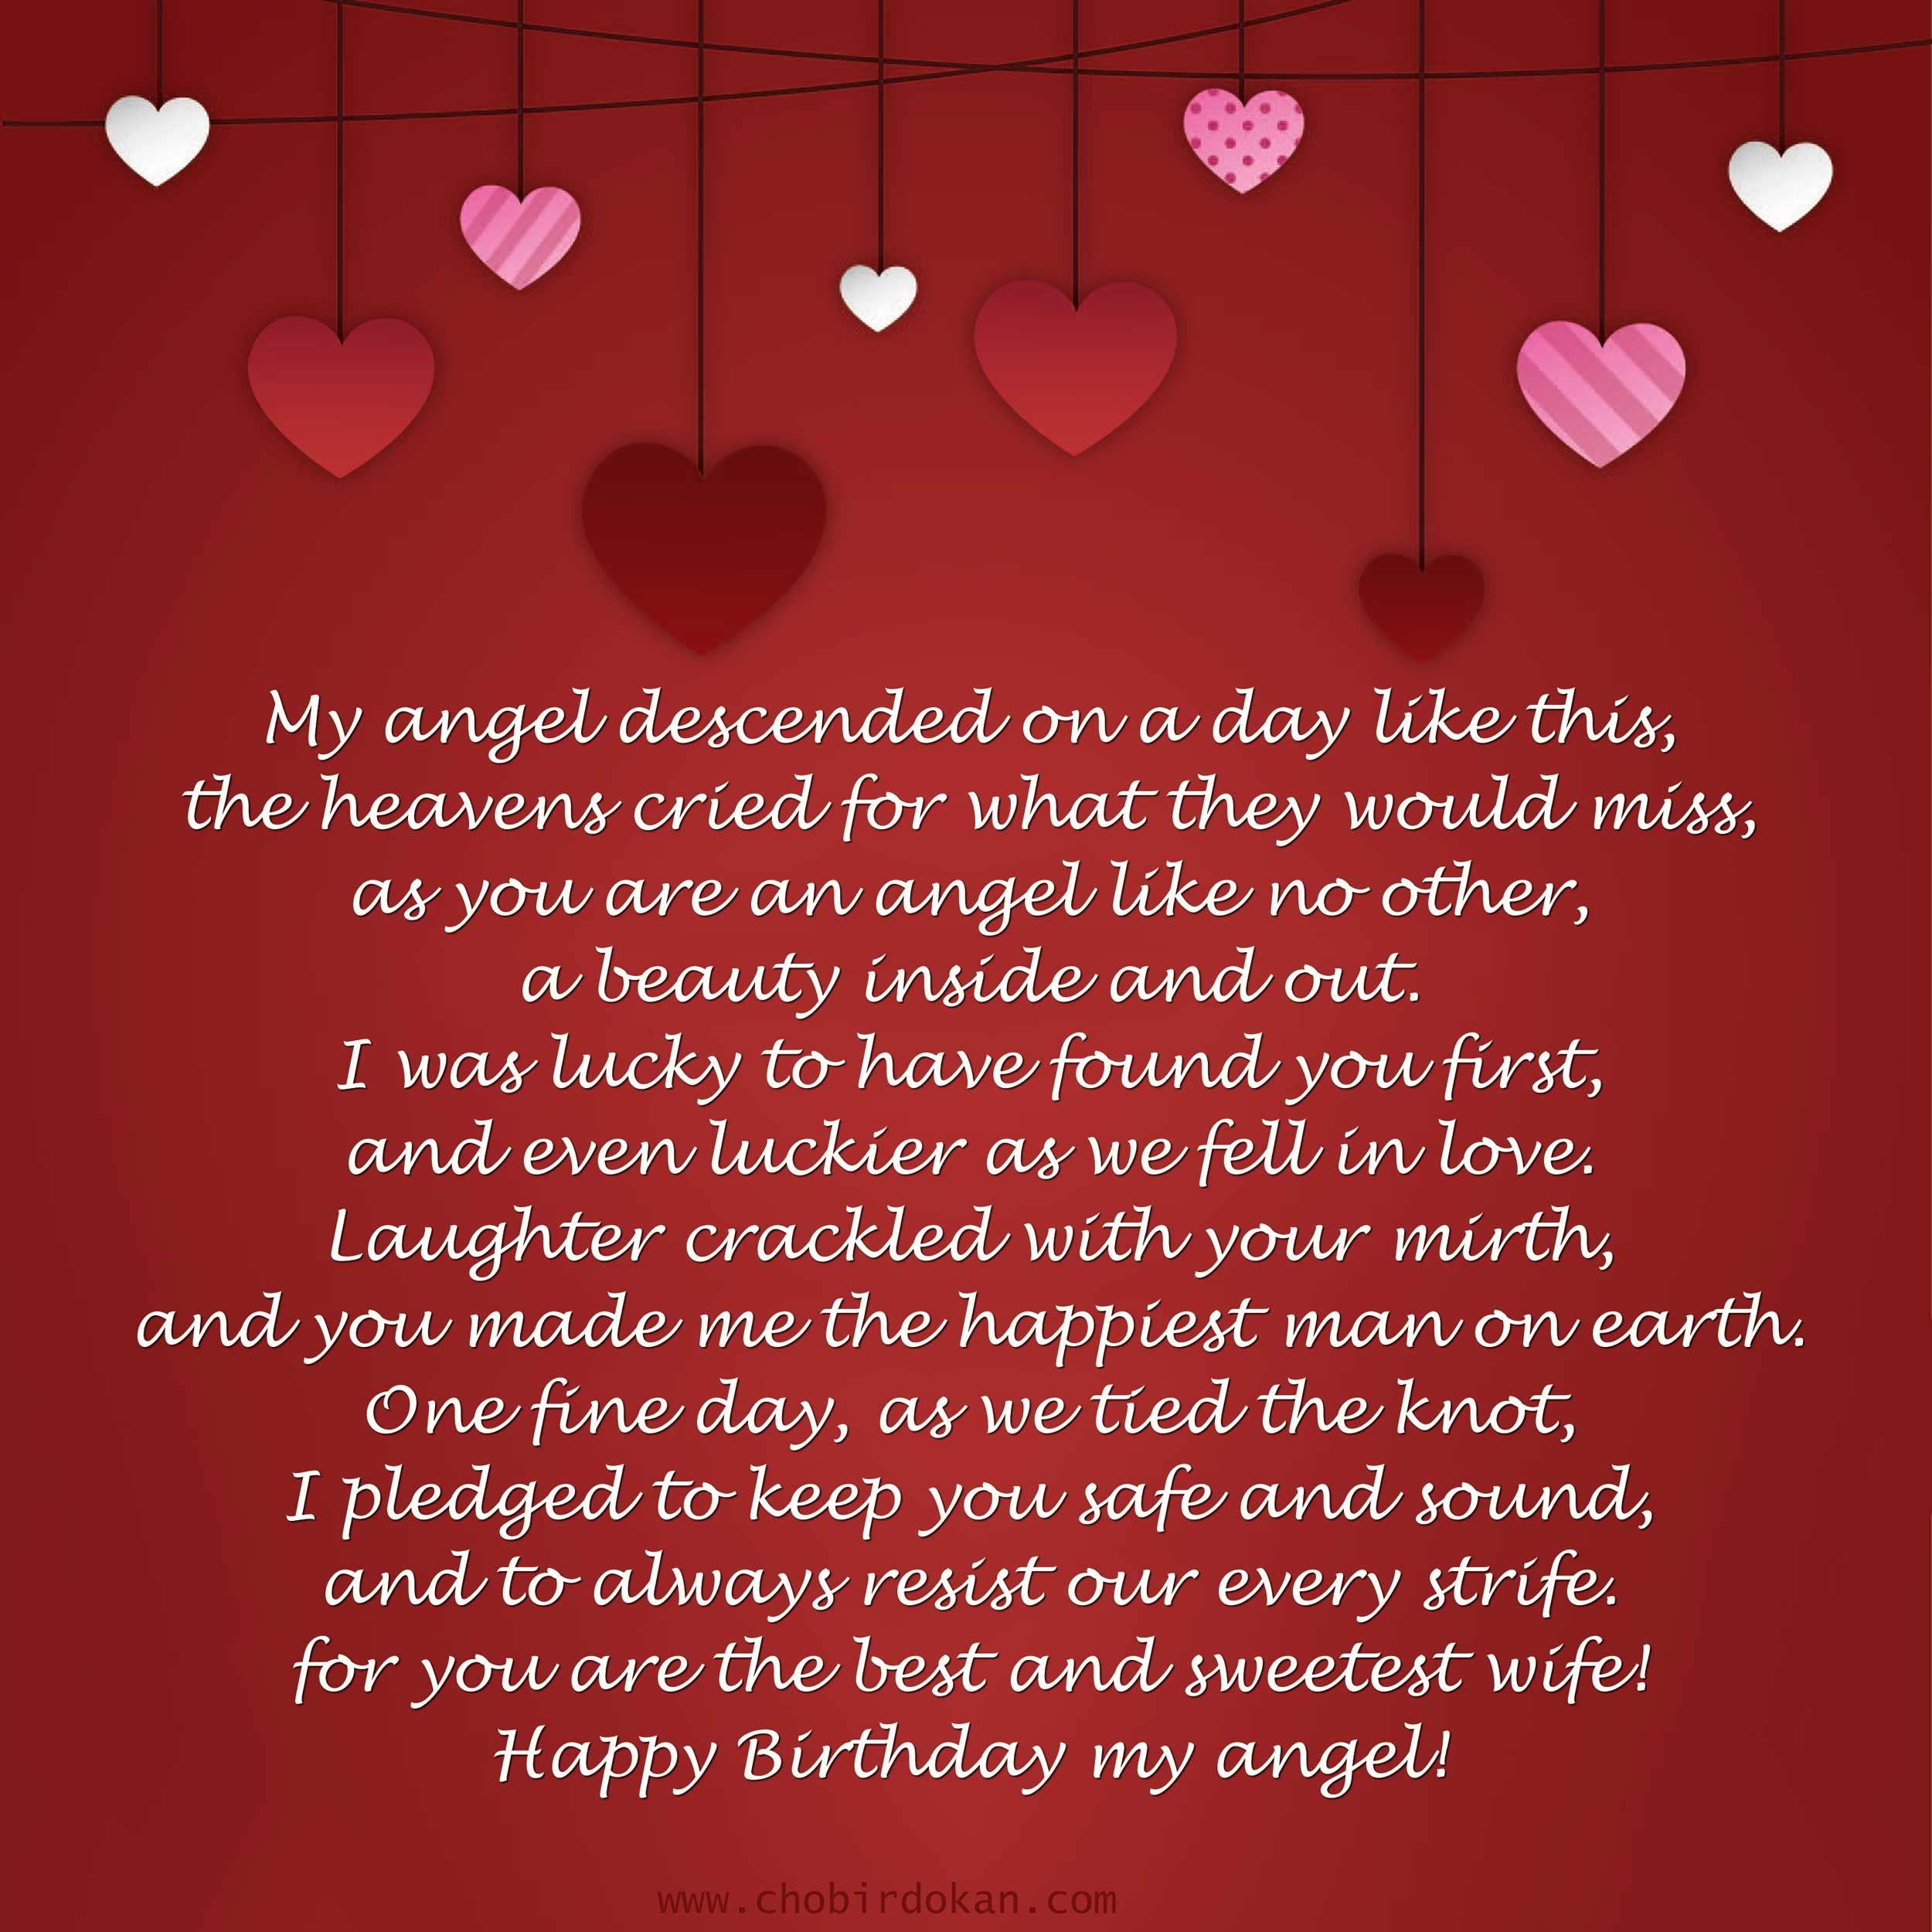 Happy birthday romantic poems